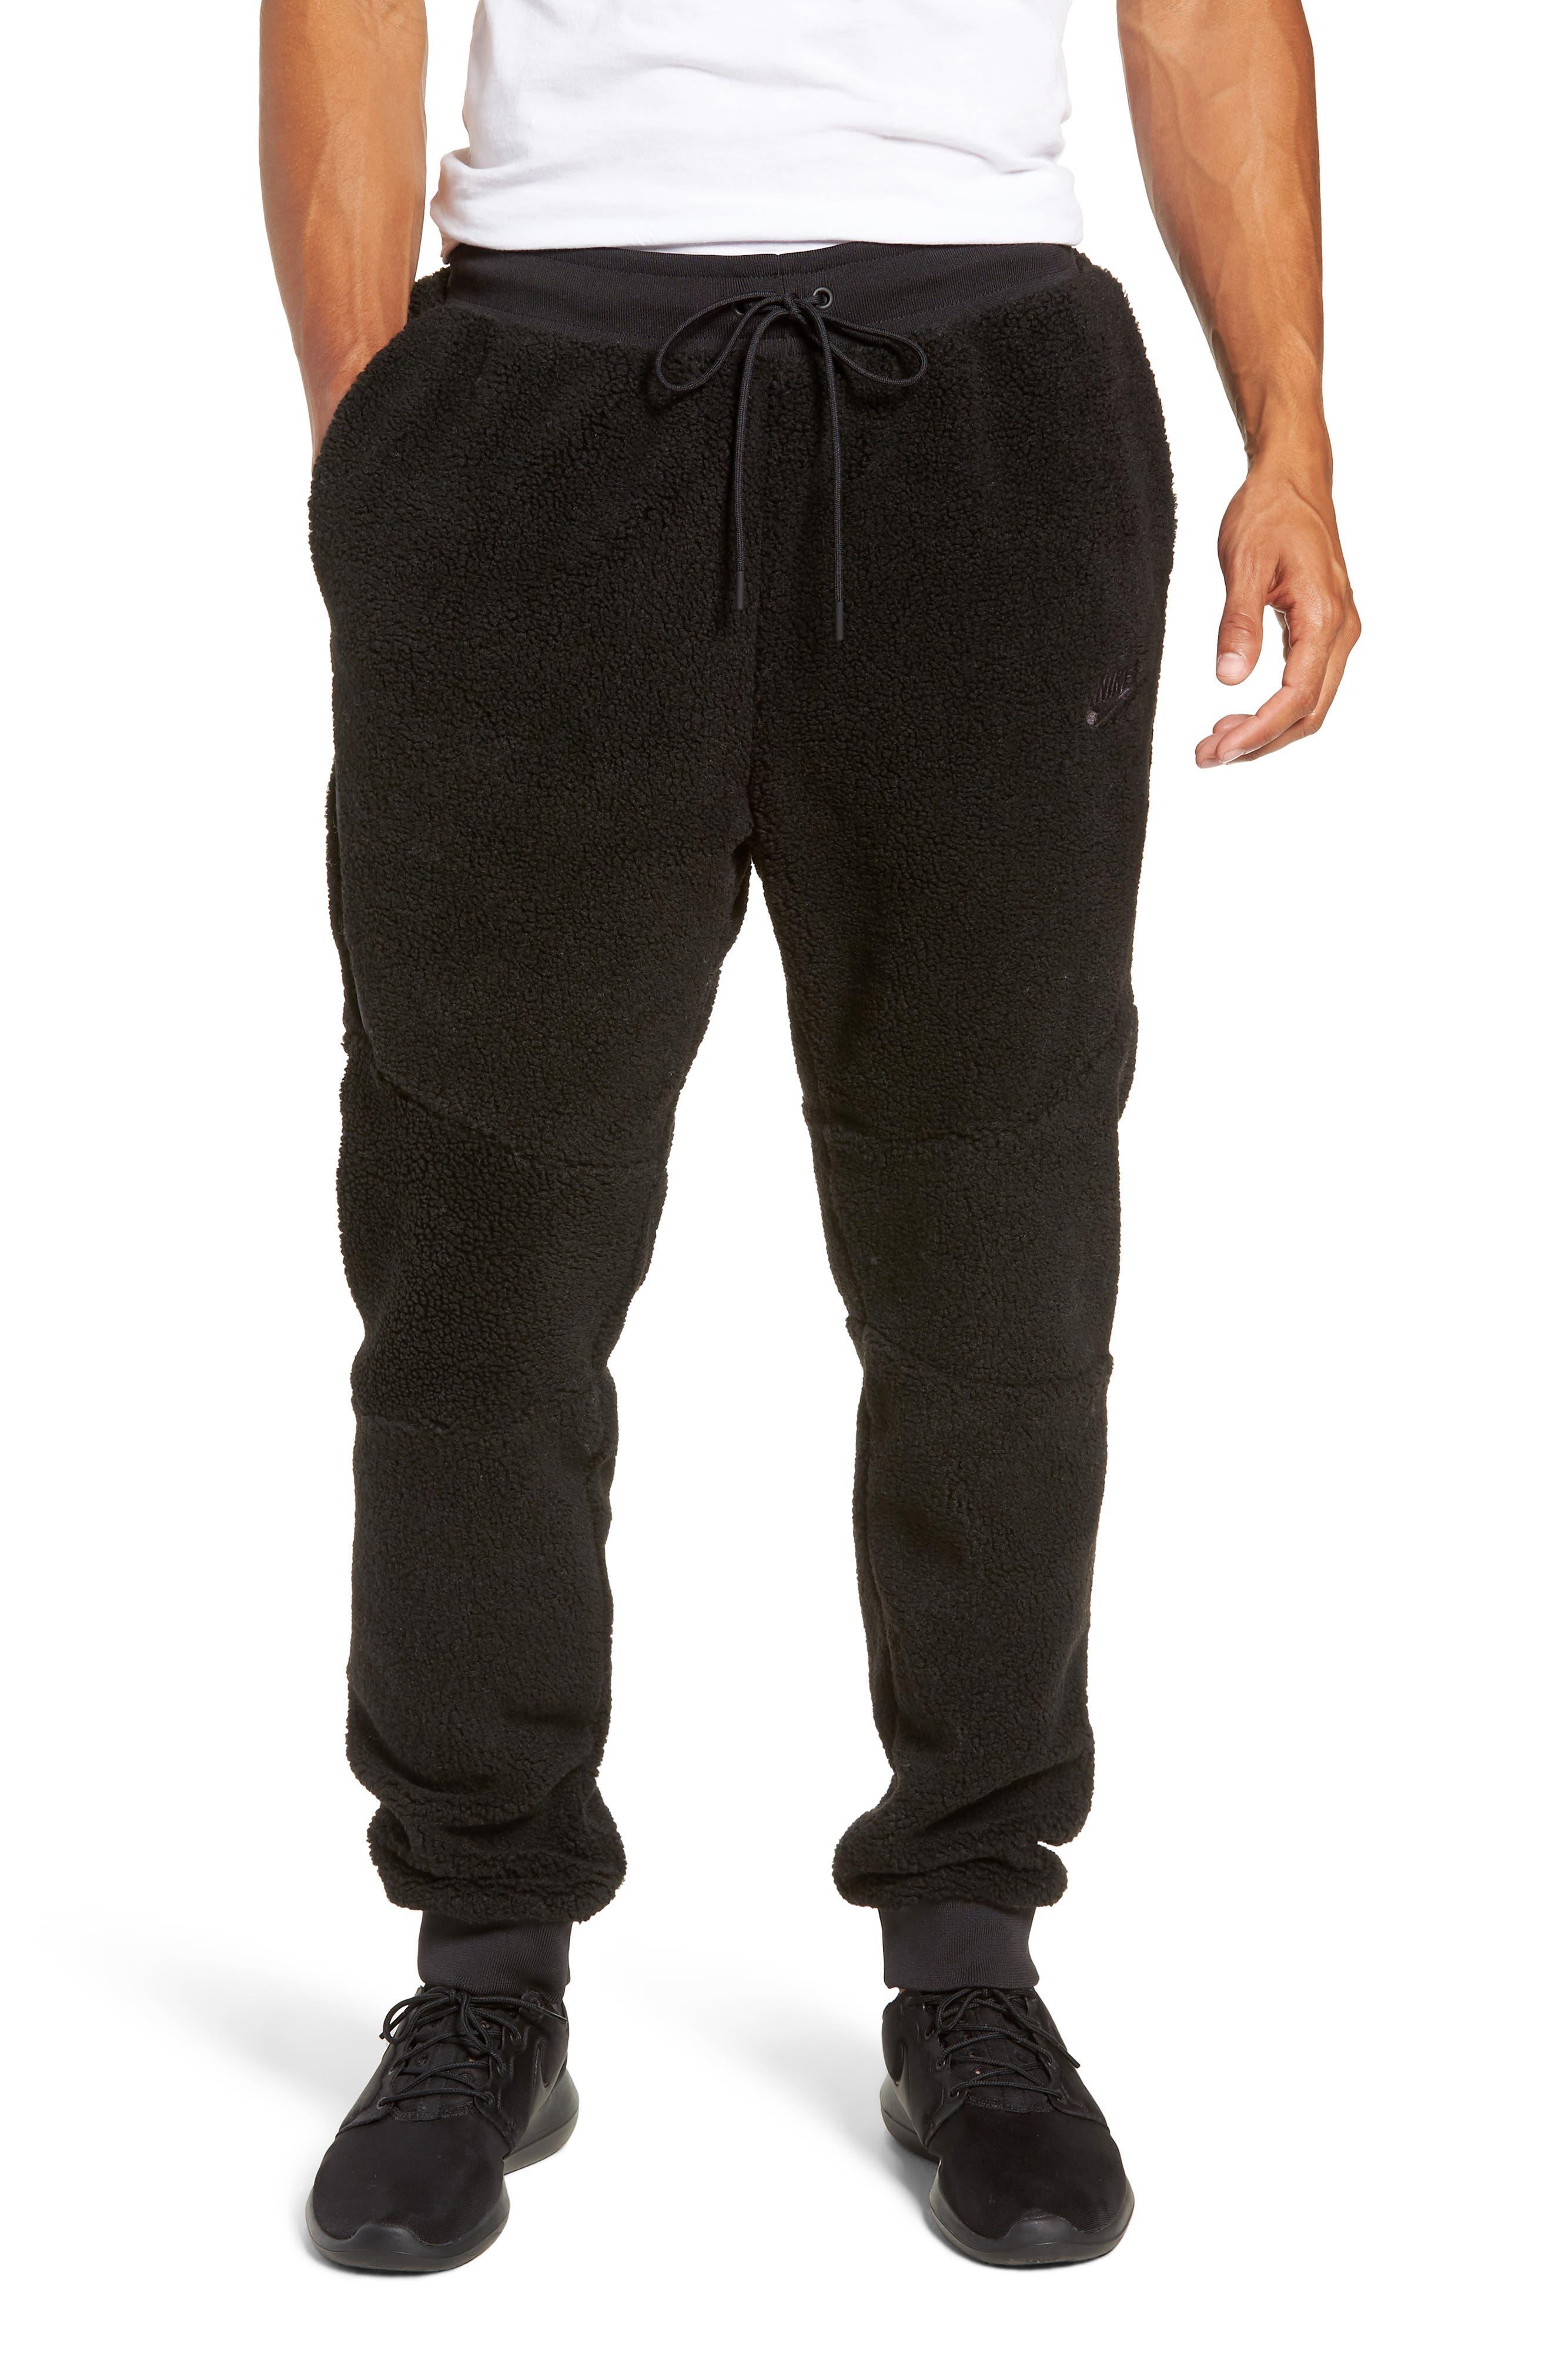 NIKE, Sportswear Tech Fleece Icon Jogger Pants, Main thumbnail 1, color, 010